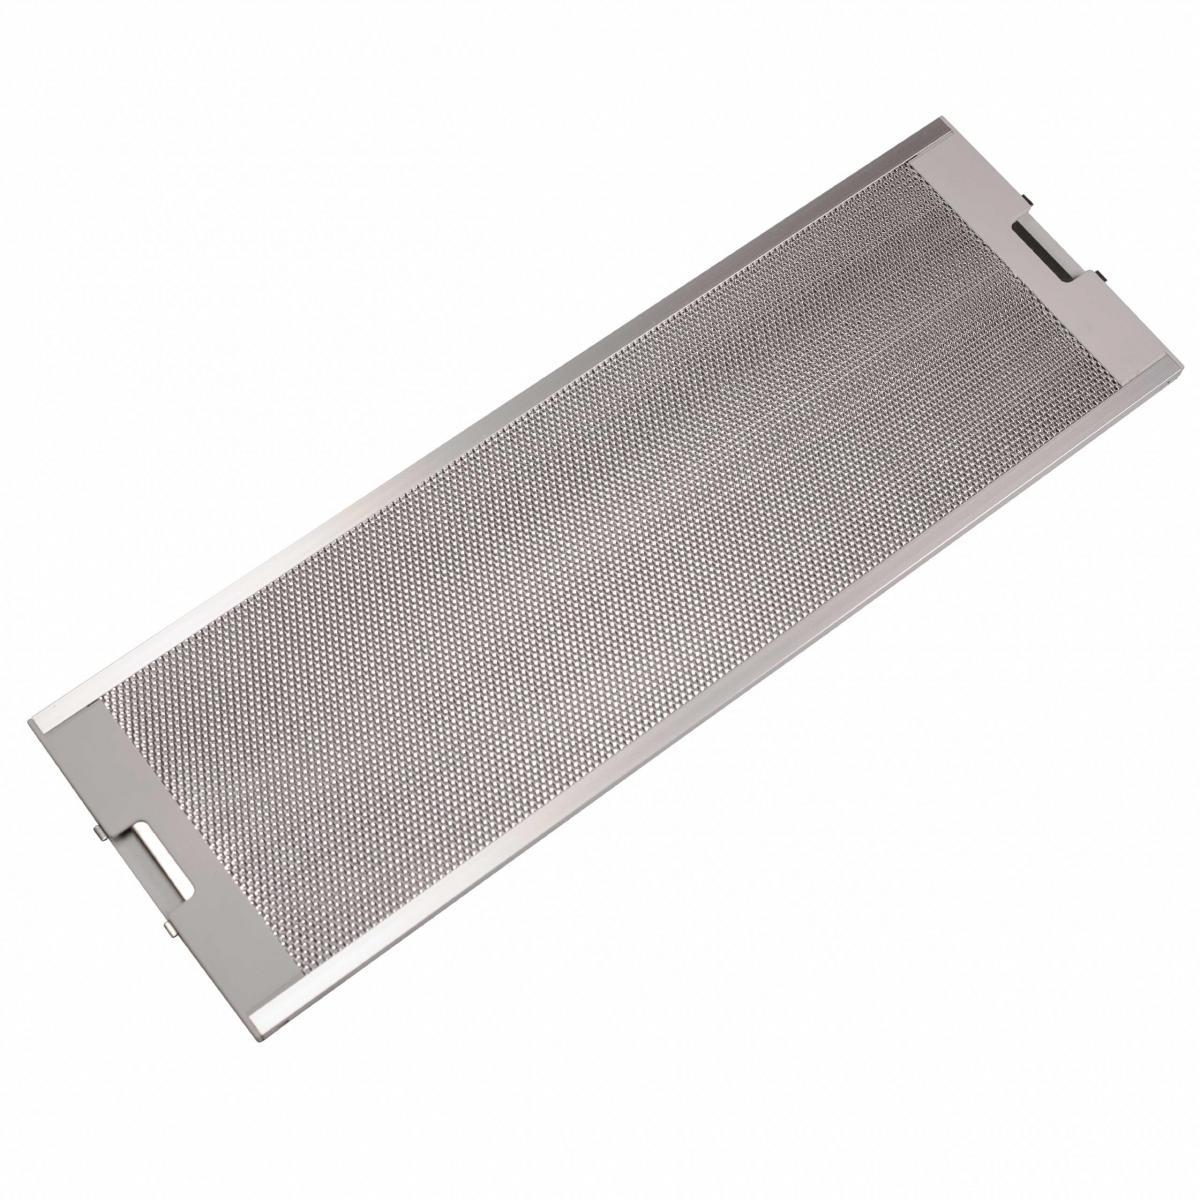 Vhbw vhbw Filtre Permanent Filtre à Graisse Métallique compatible avec Imperial DMA 64/1/NL 001, DMA 64/1/UK 001, DMA 64/2 Ho